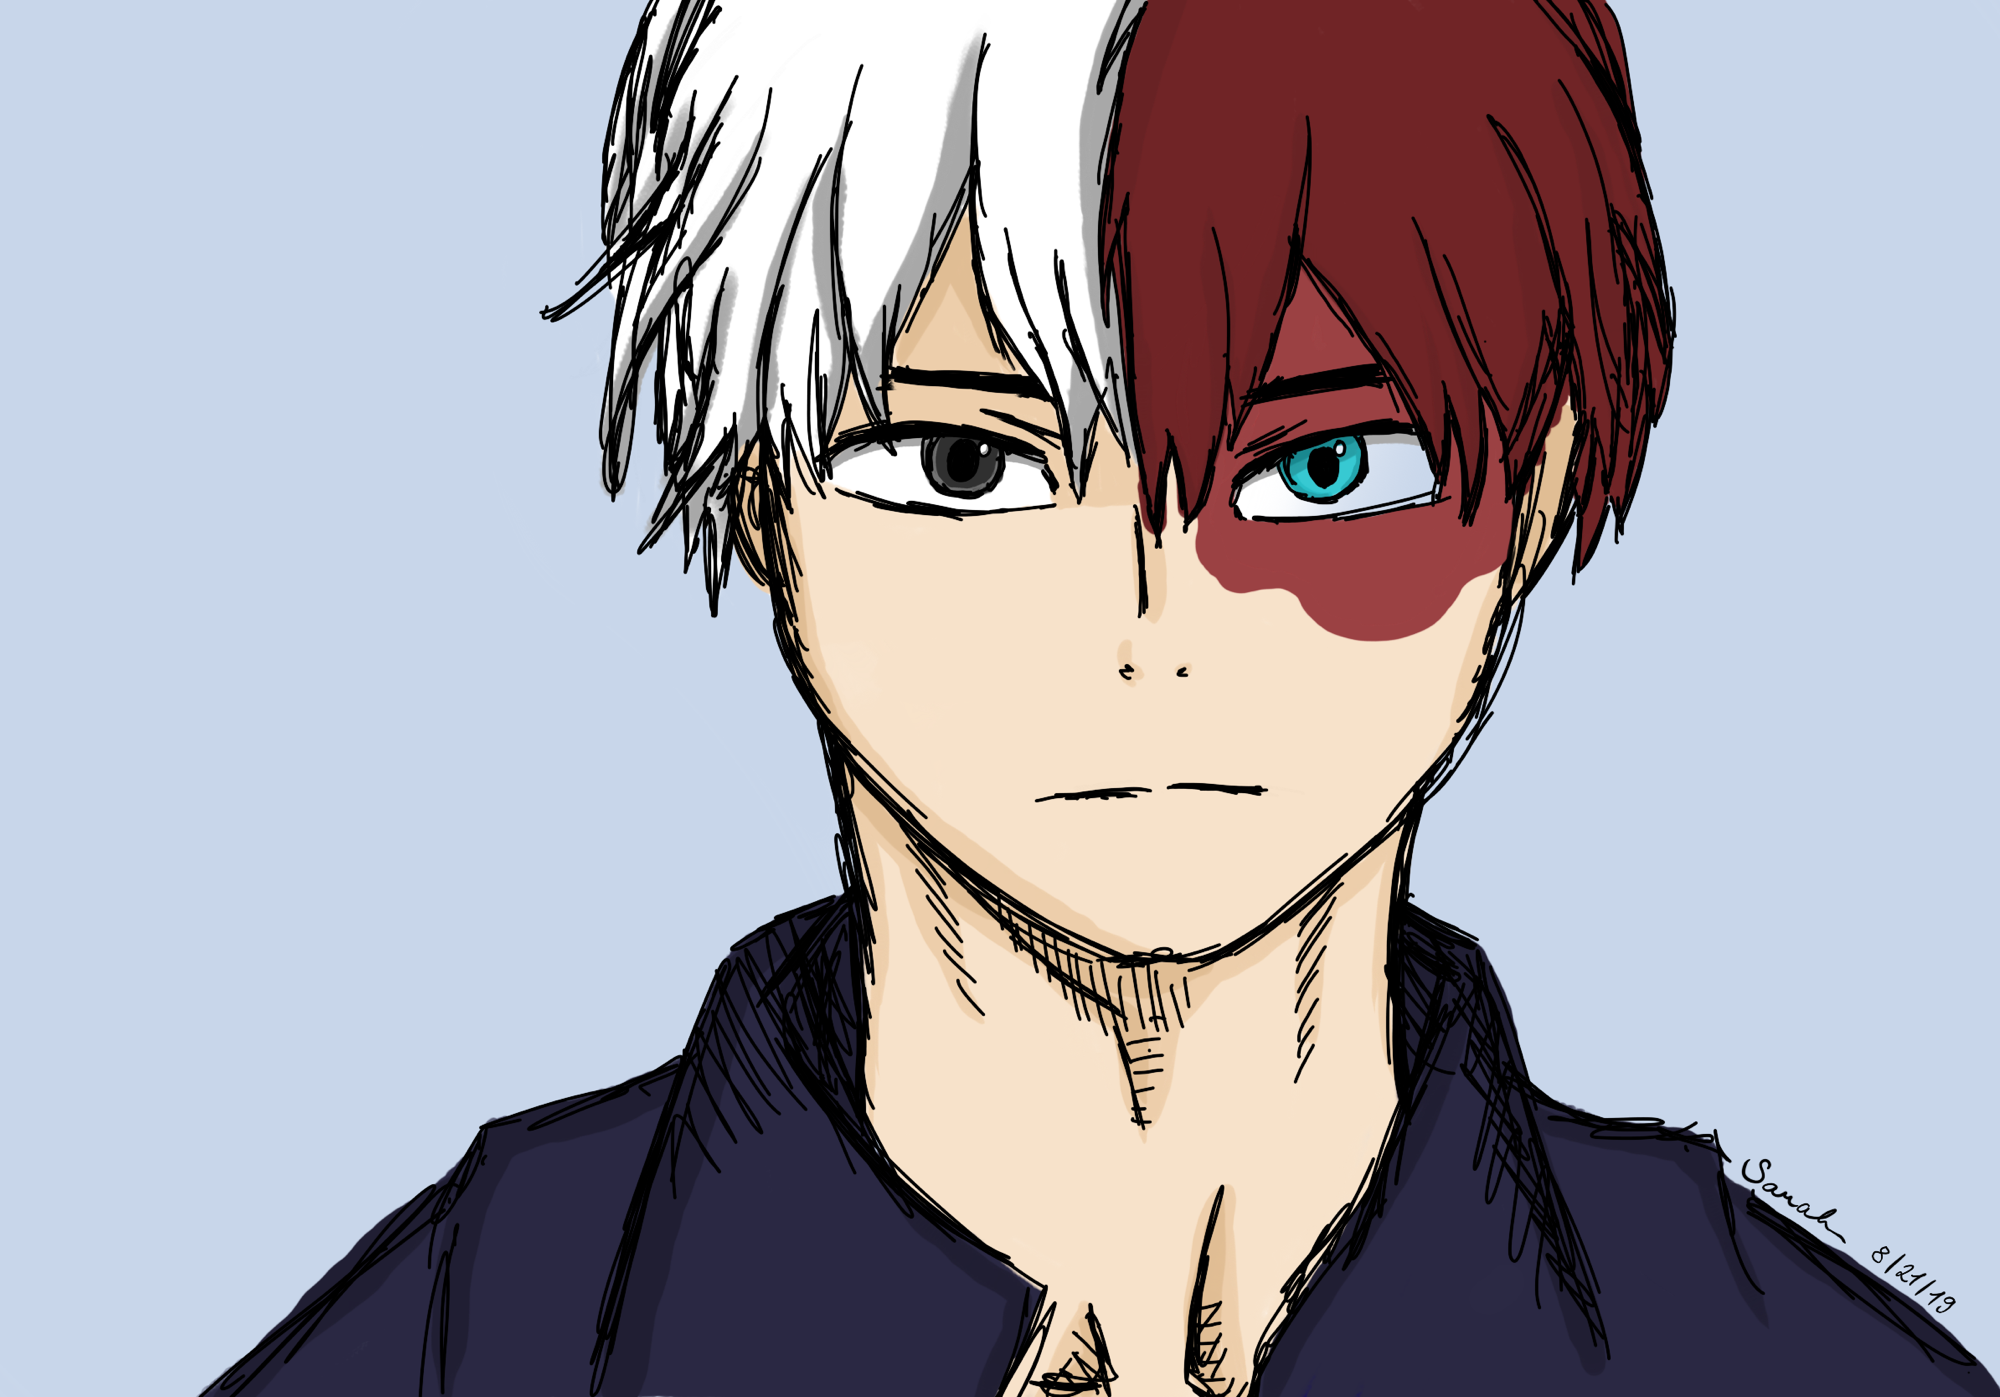 I Tried To Draw Shoto Todoroki Uwu Fandom